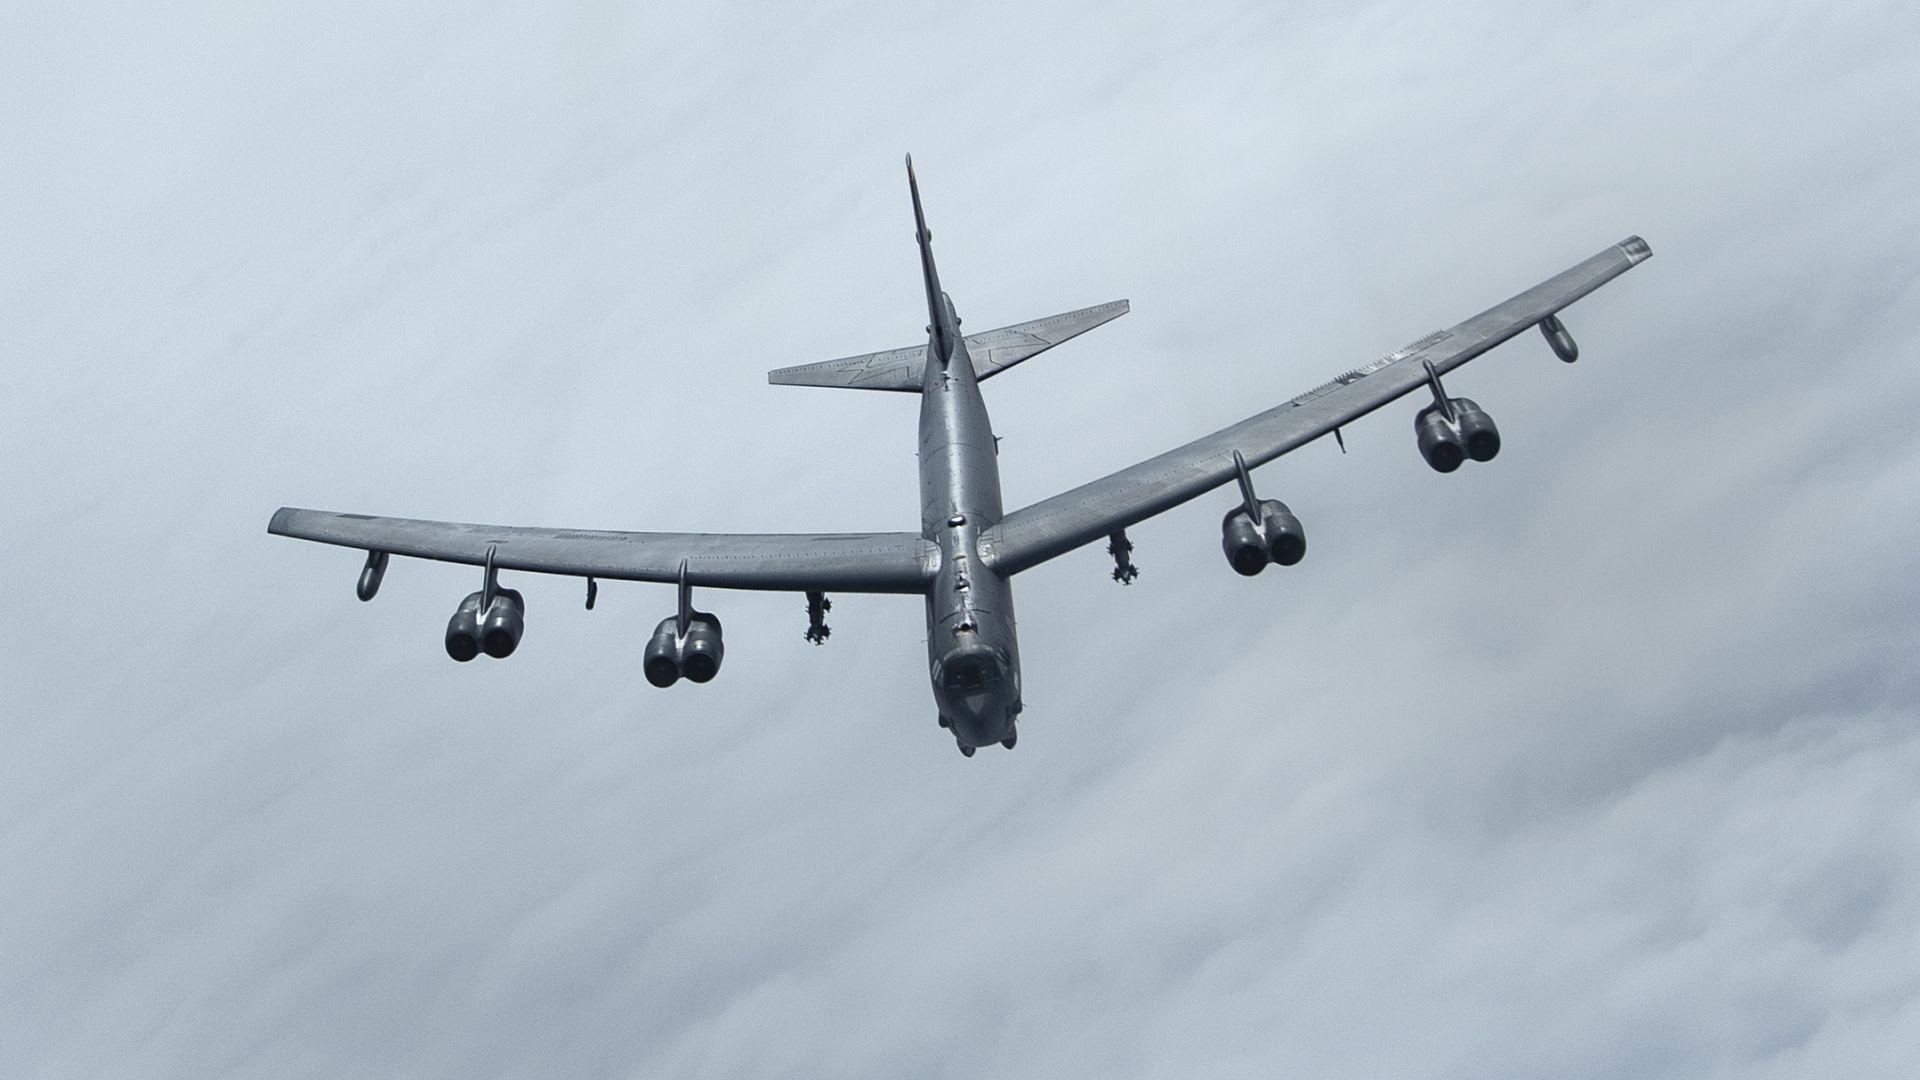 Москва обвини САЩ в провокация заради учения над Балтийско море